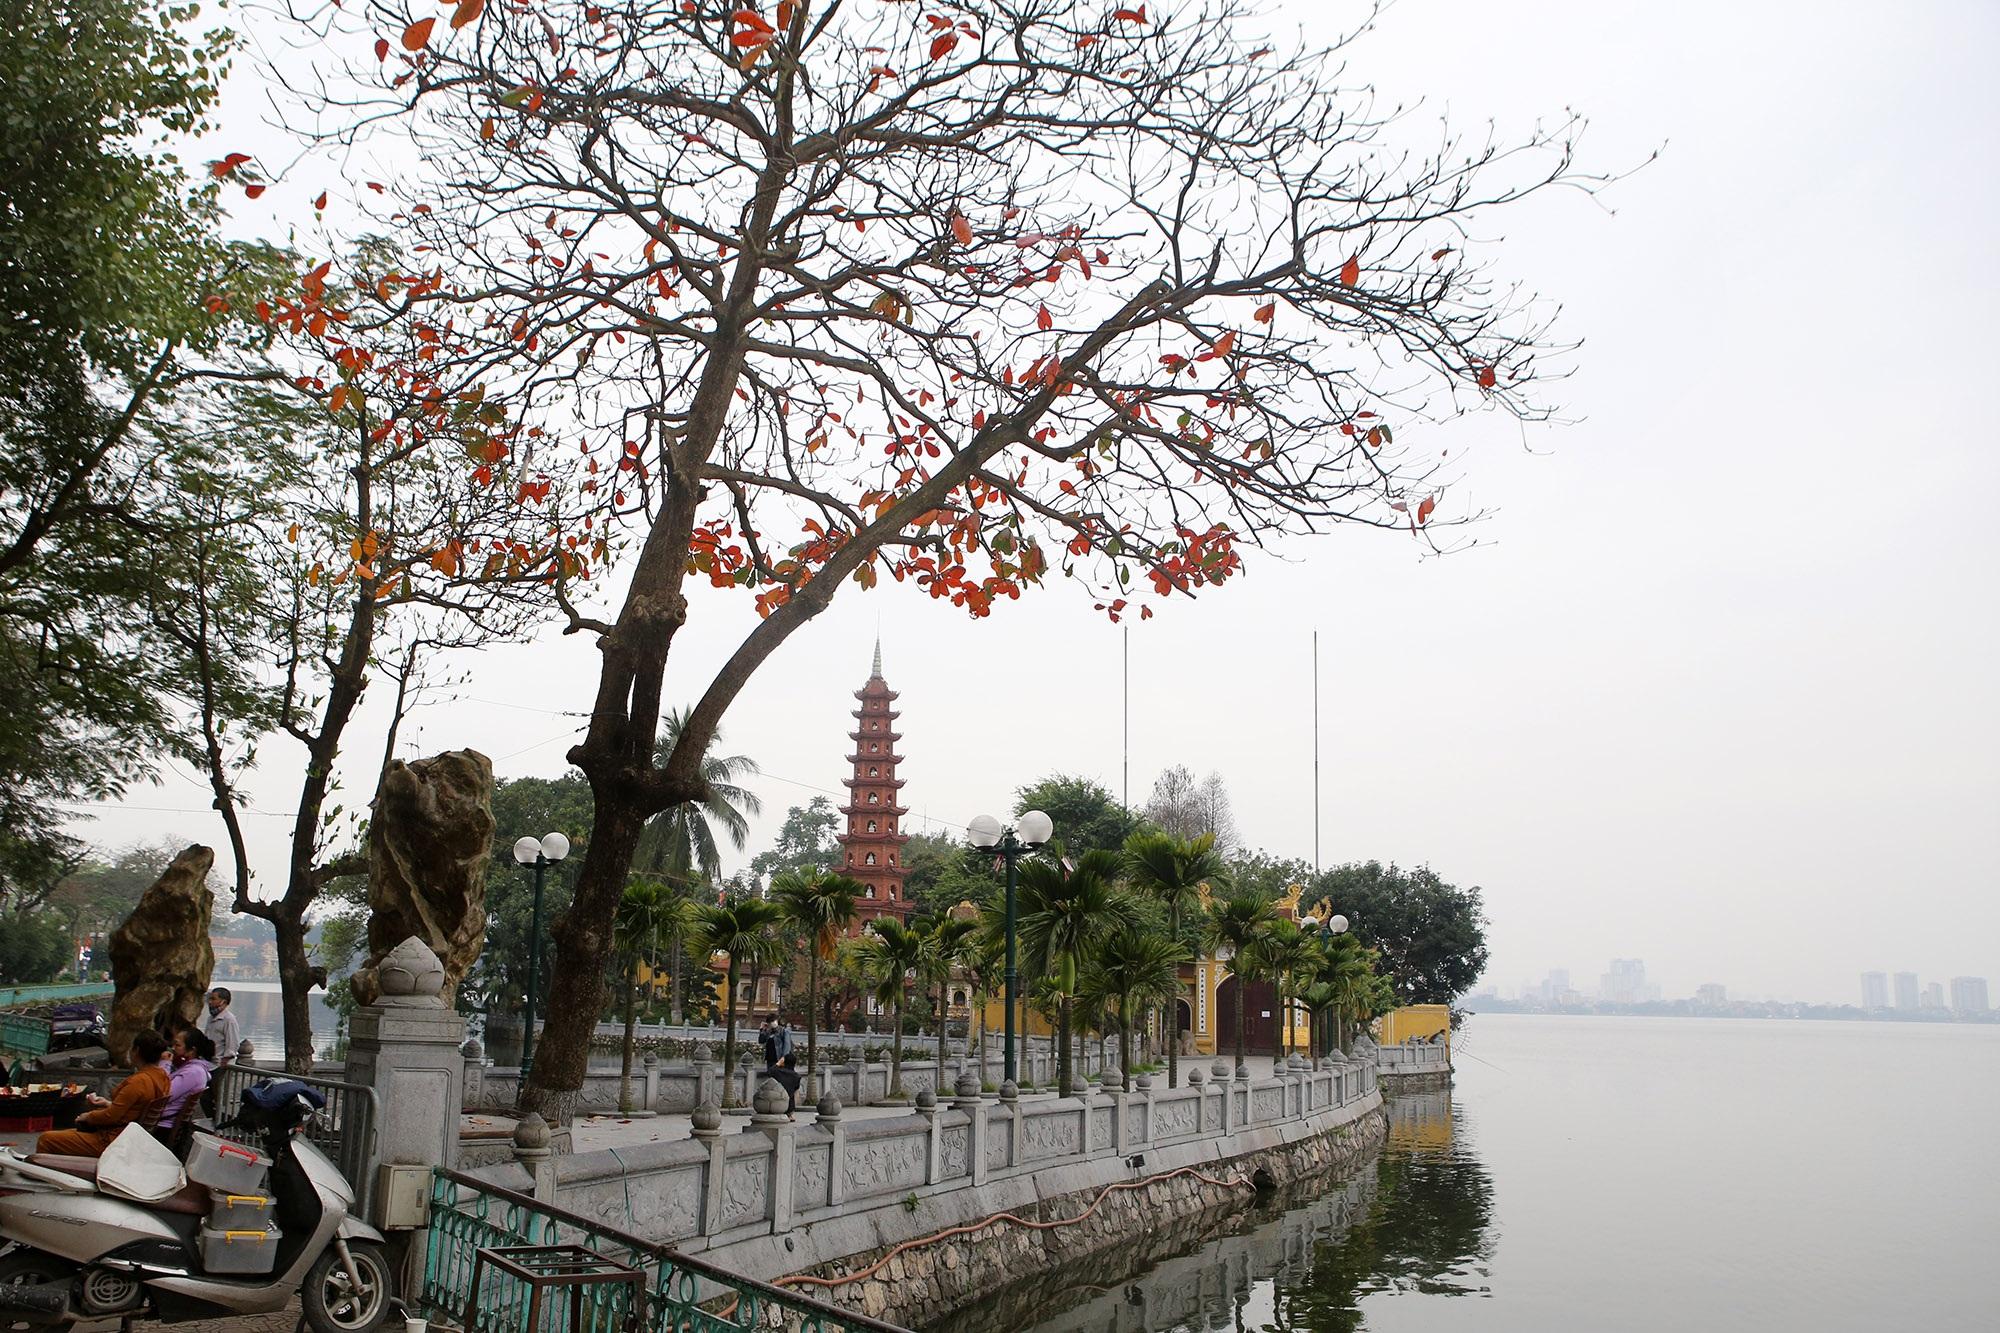 Hà Nội: Ngắm hồ Tây đẹp lãng mạn vào mùa cây thay lá - 12